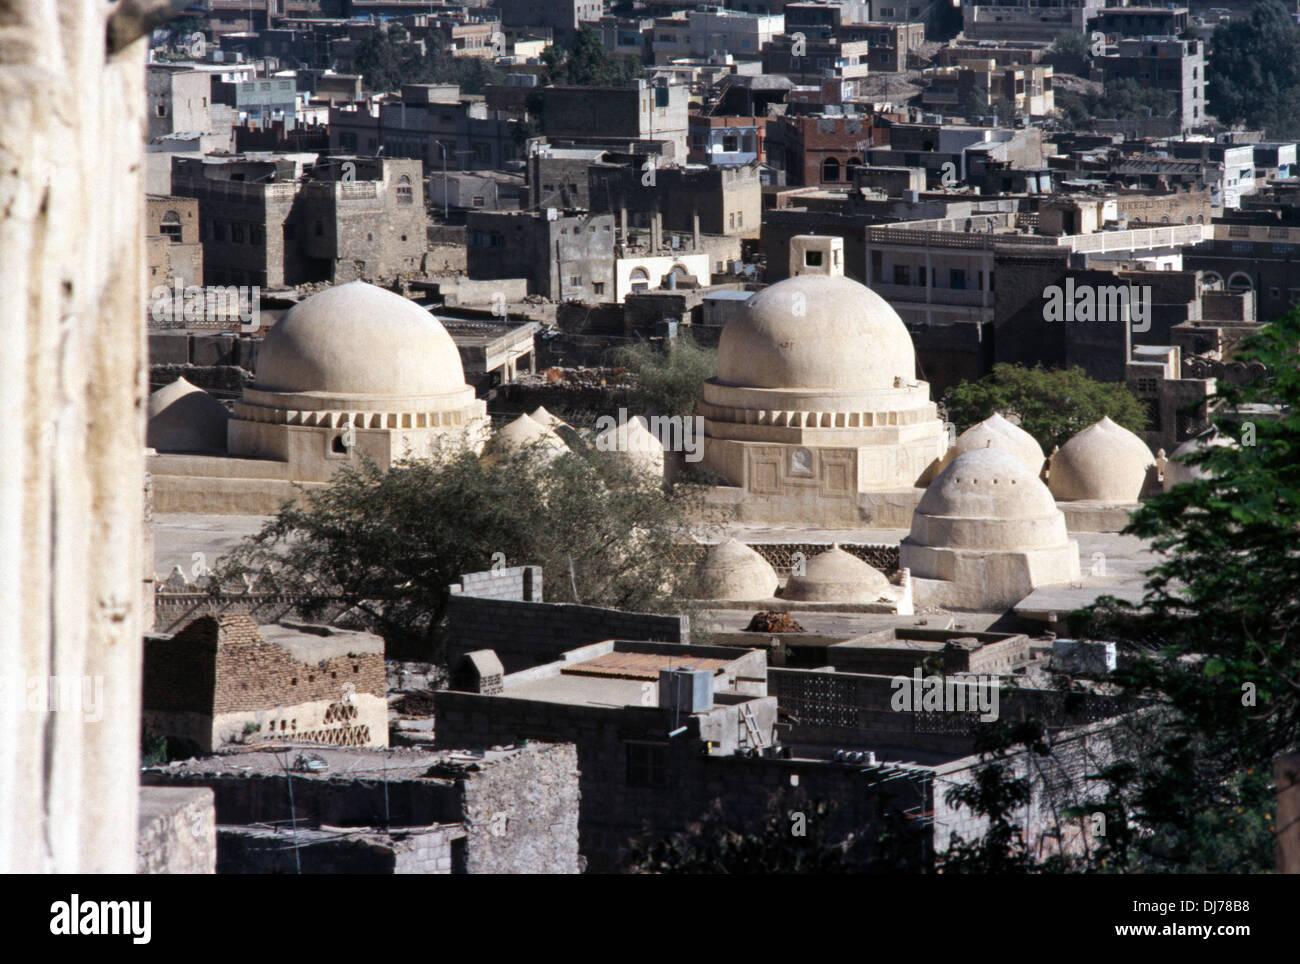 Taiz Yemen First Mosque Of Islam - Stock Image